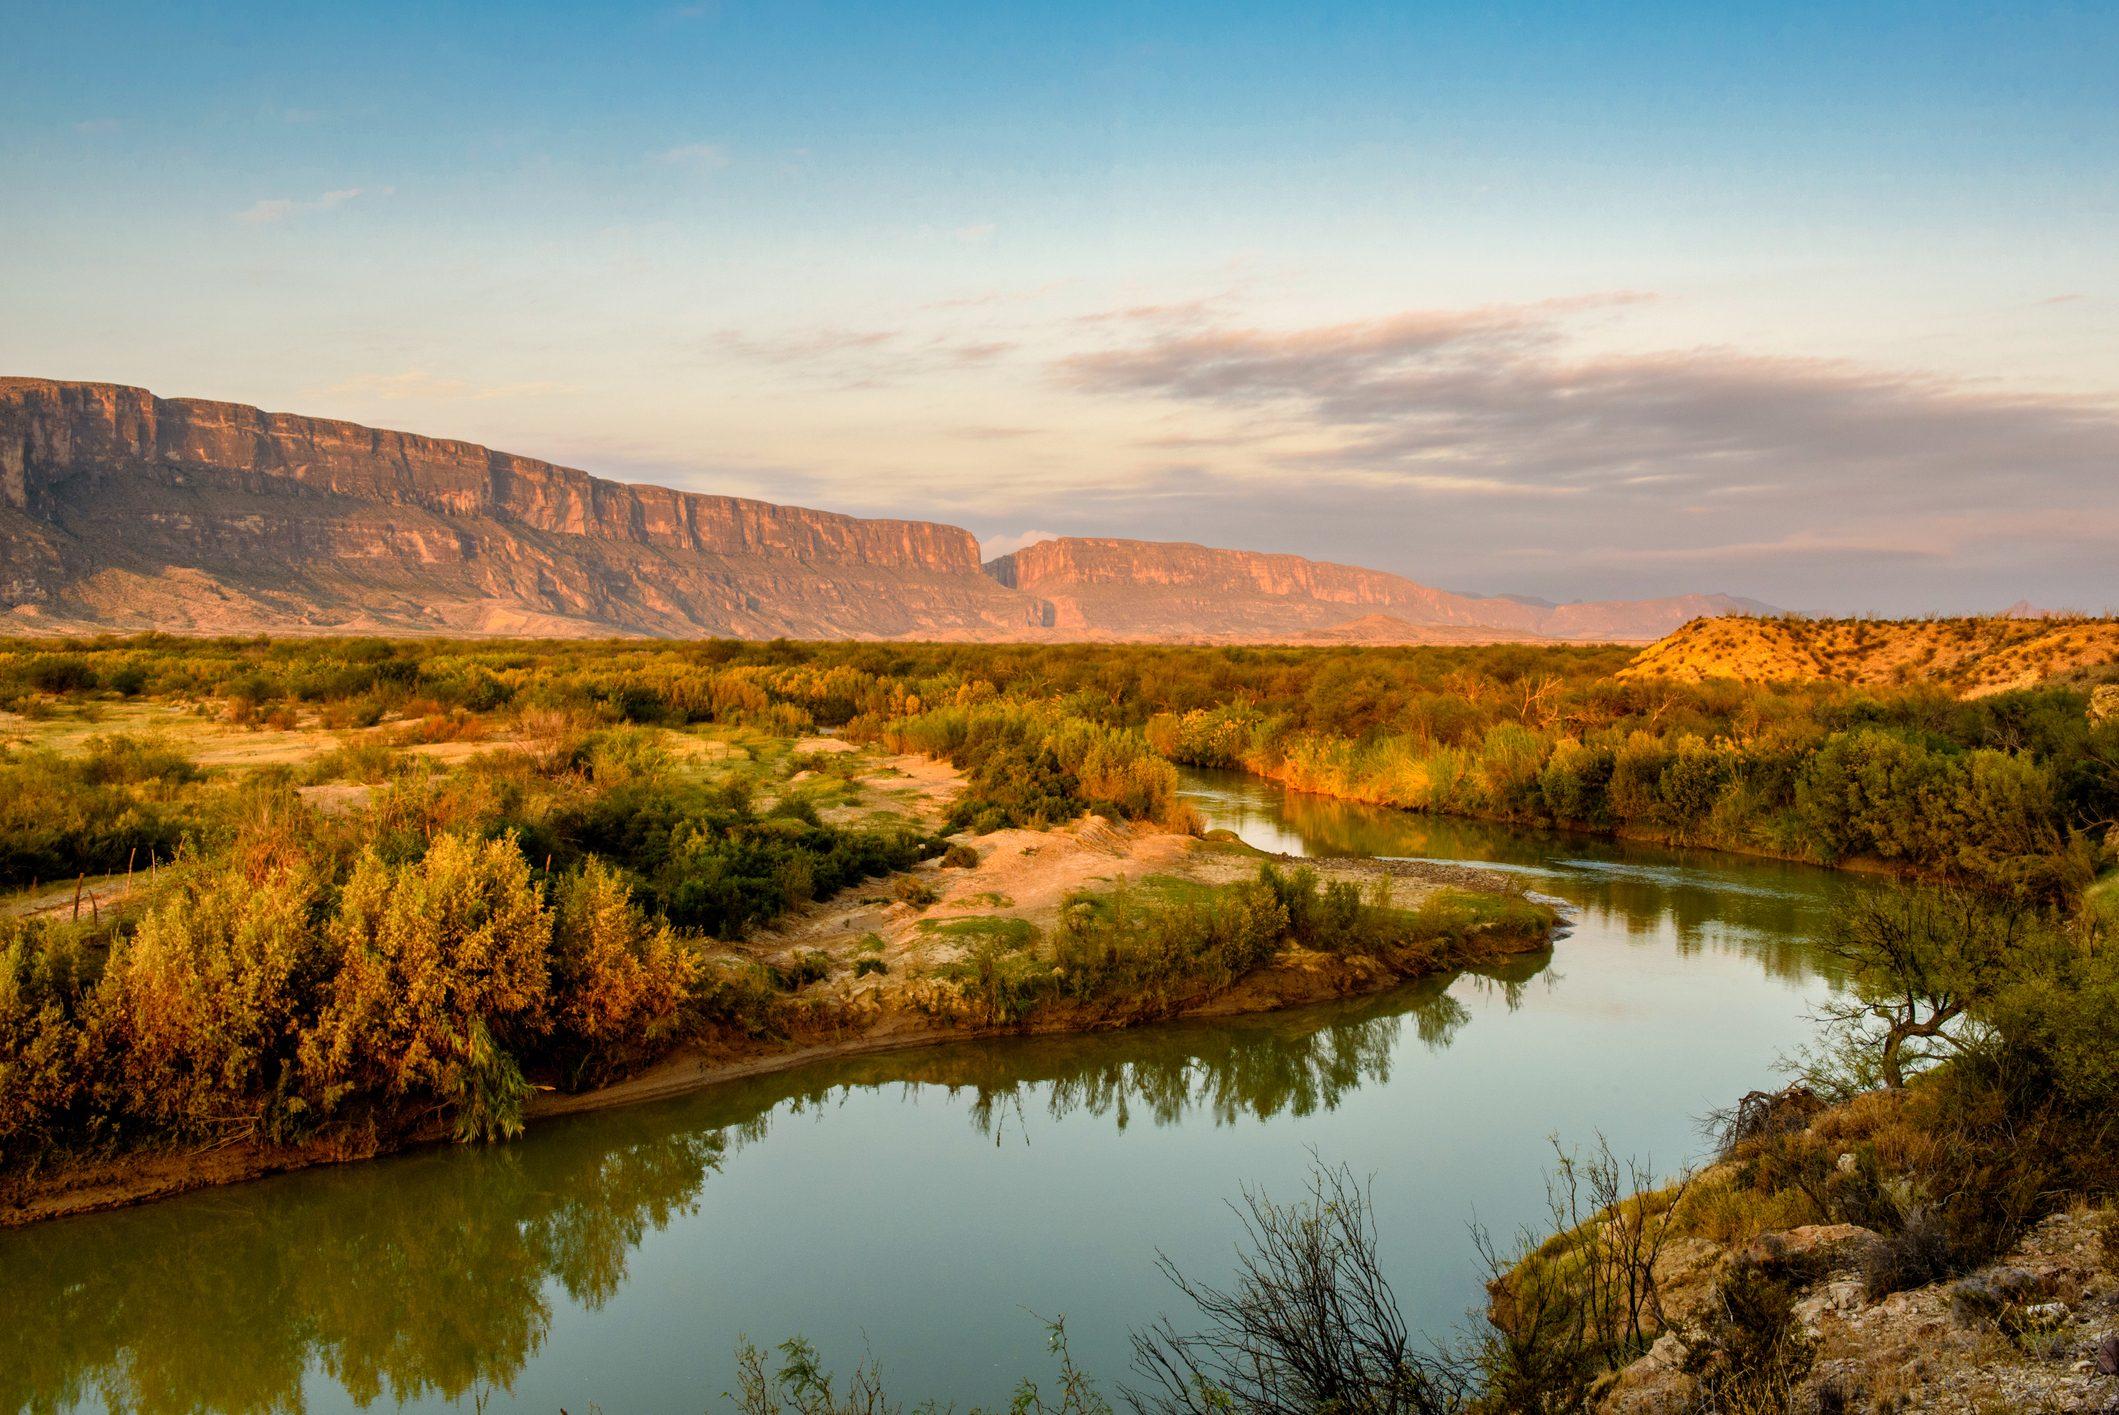 Early Morning Along the Rio Grande